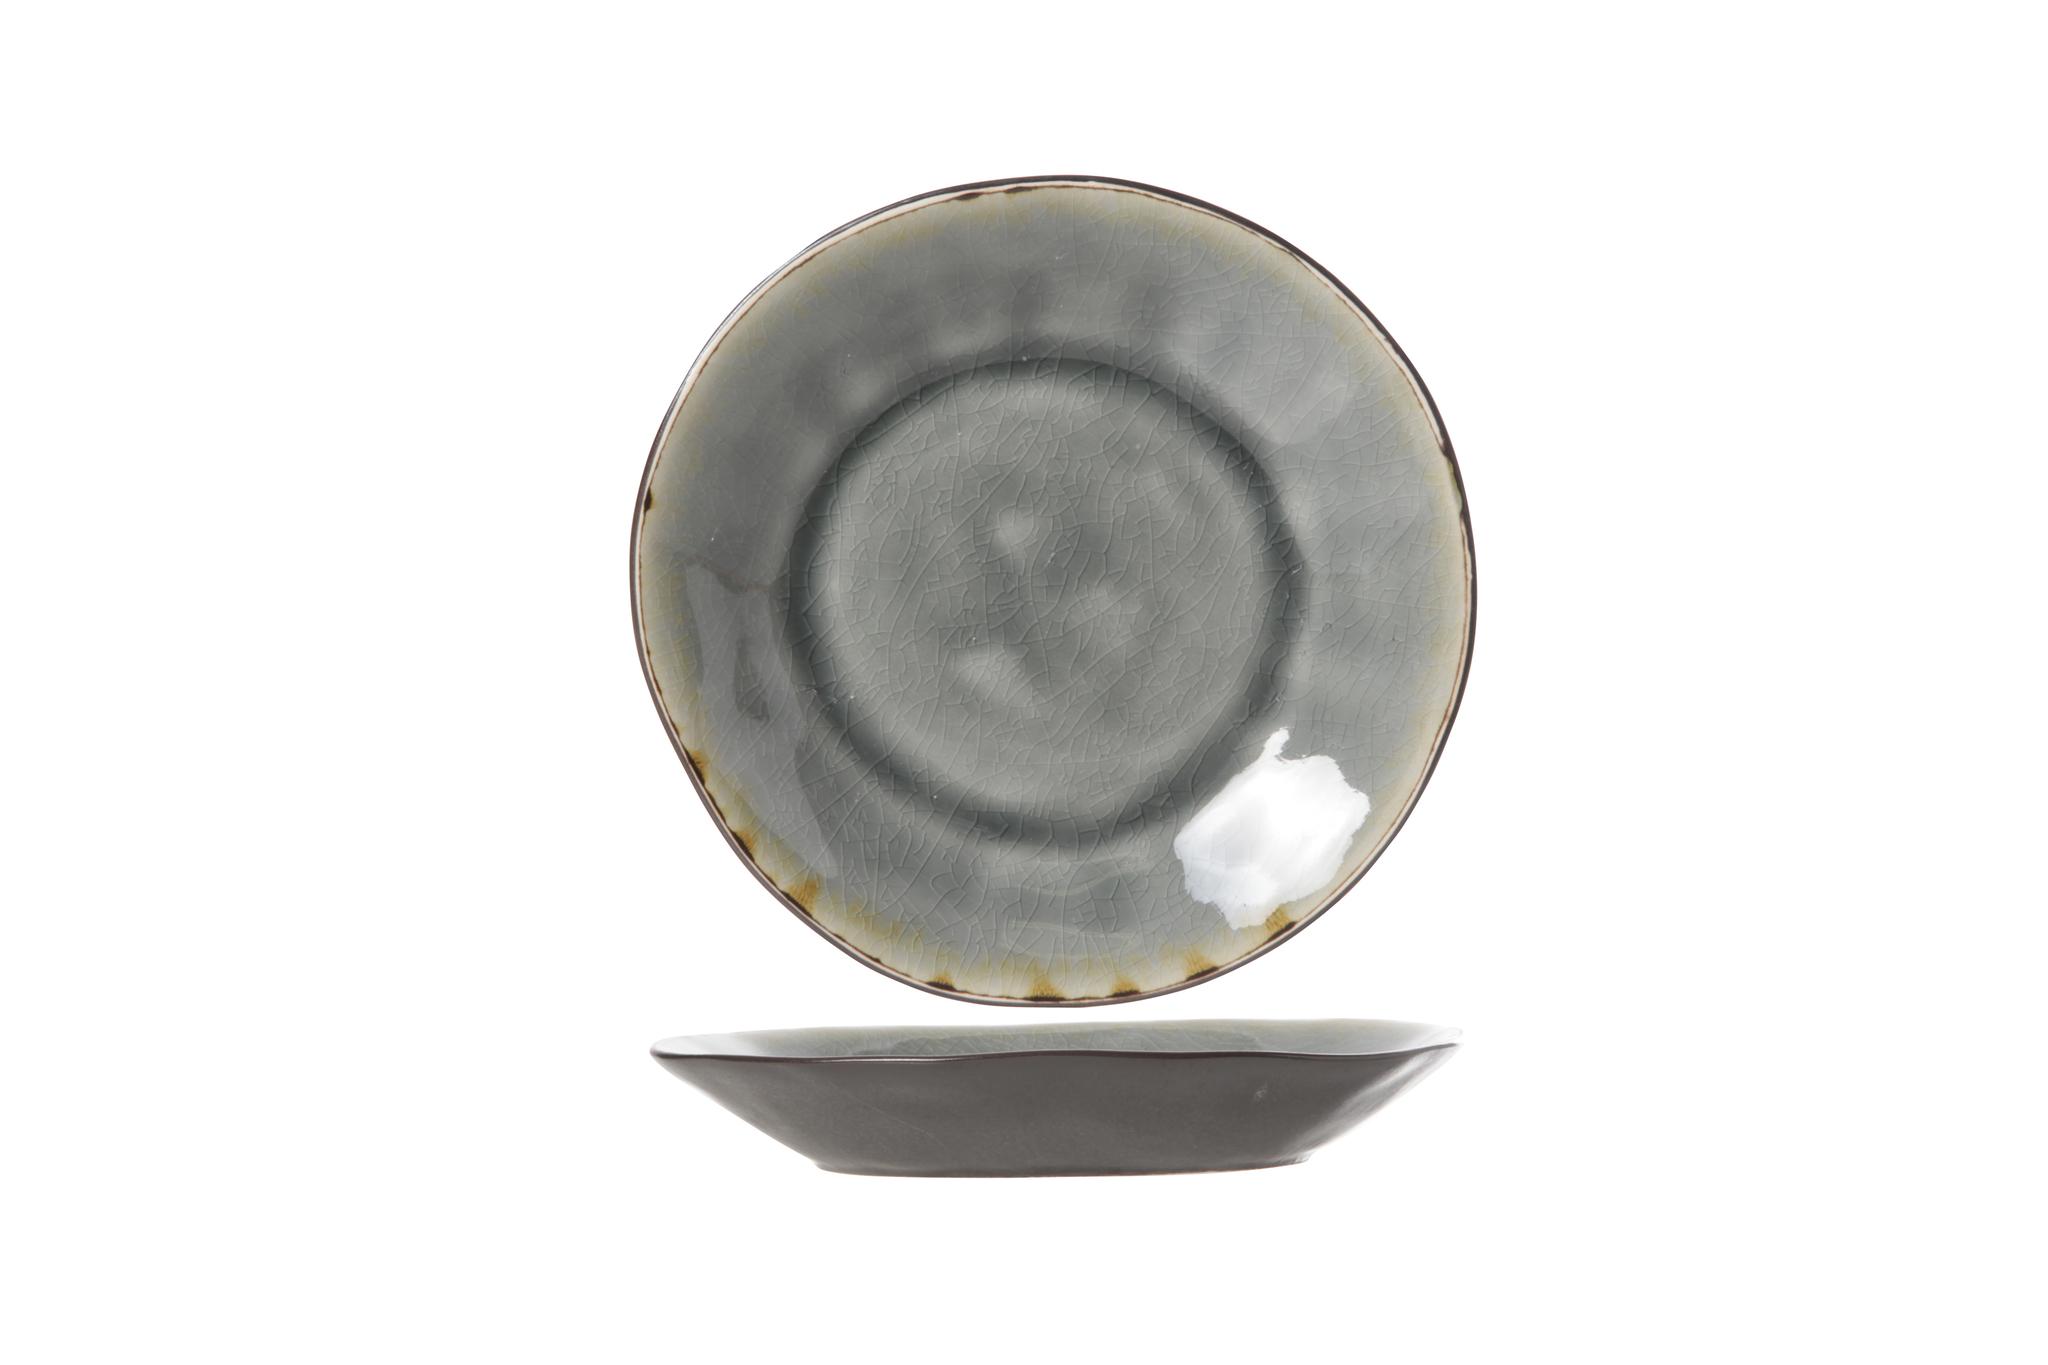 Блюдце 15 см COSY&amp;TRENDY Laguna blue-grey 5556324Новинки<br>Блюдце 15 см COSY&amp;TRENDY Laguna blue-grey 5556324<br><br>Эта коллекция из каменной керамики поражает удивительным цветом, текстурой и формой. Насыщенный ярко-серый оттенок с волнистым рельефом погружают в прибрежную лагуну. Органические края для дополнительного дизайна. Коллекция Laguna Blue-Grey воссоздает исключительный внешний вид приготовленных блюд.<br>